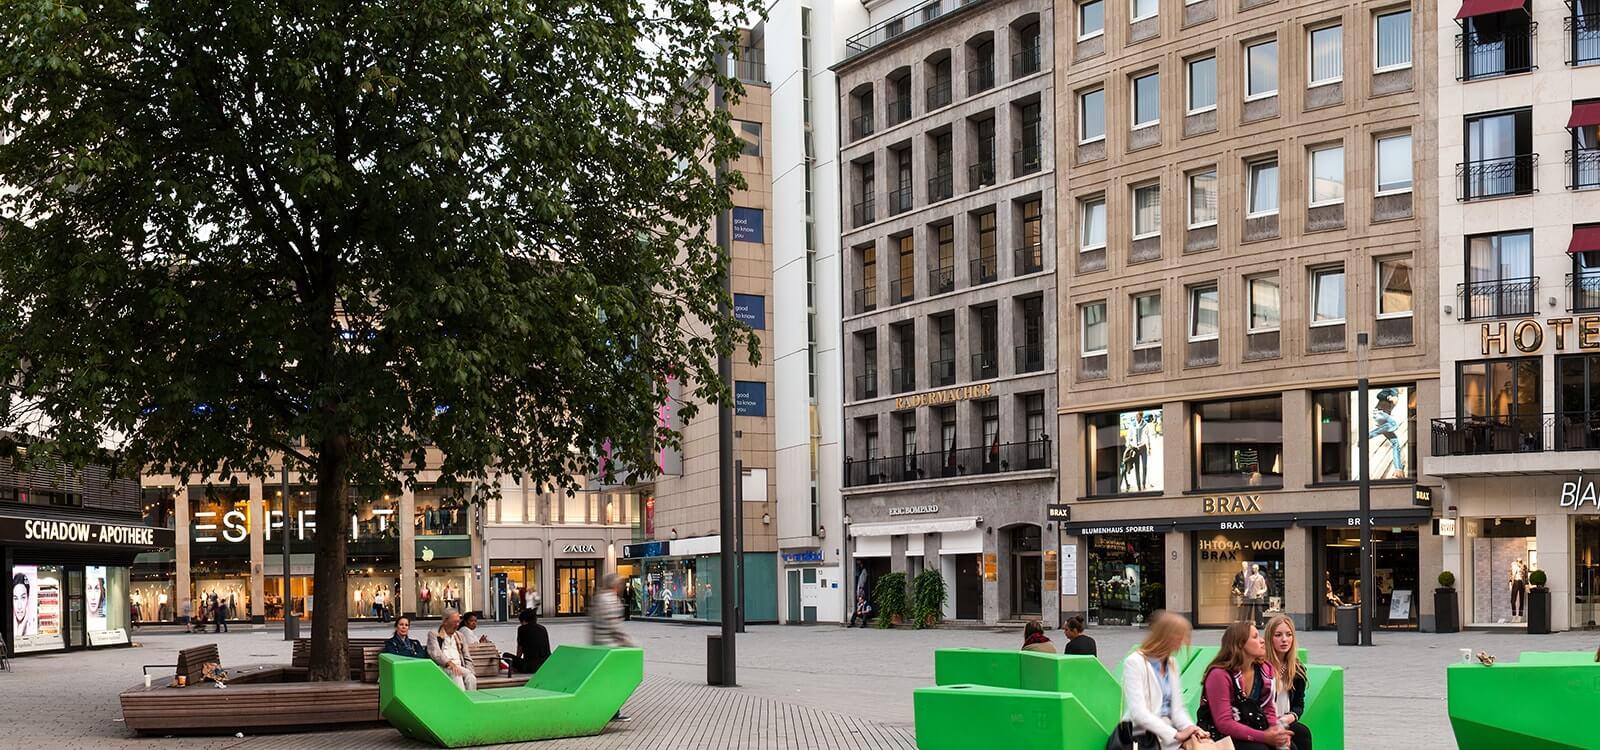 Anwaltskanzlei in der Innenstadt von Düsseldorf